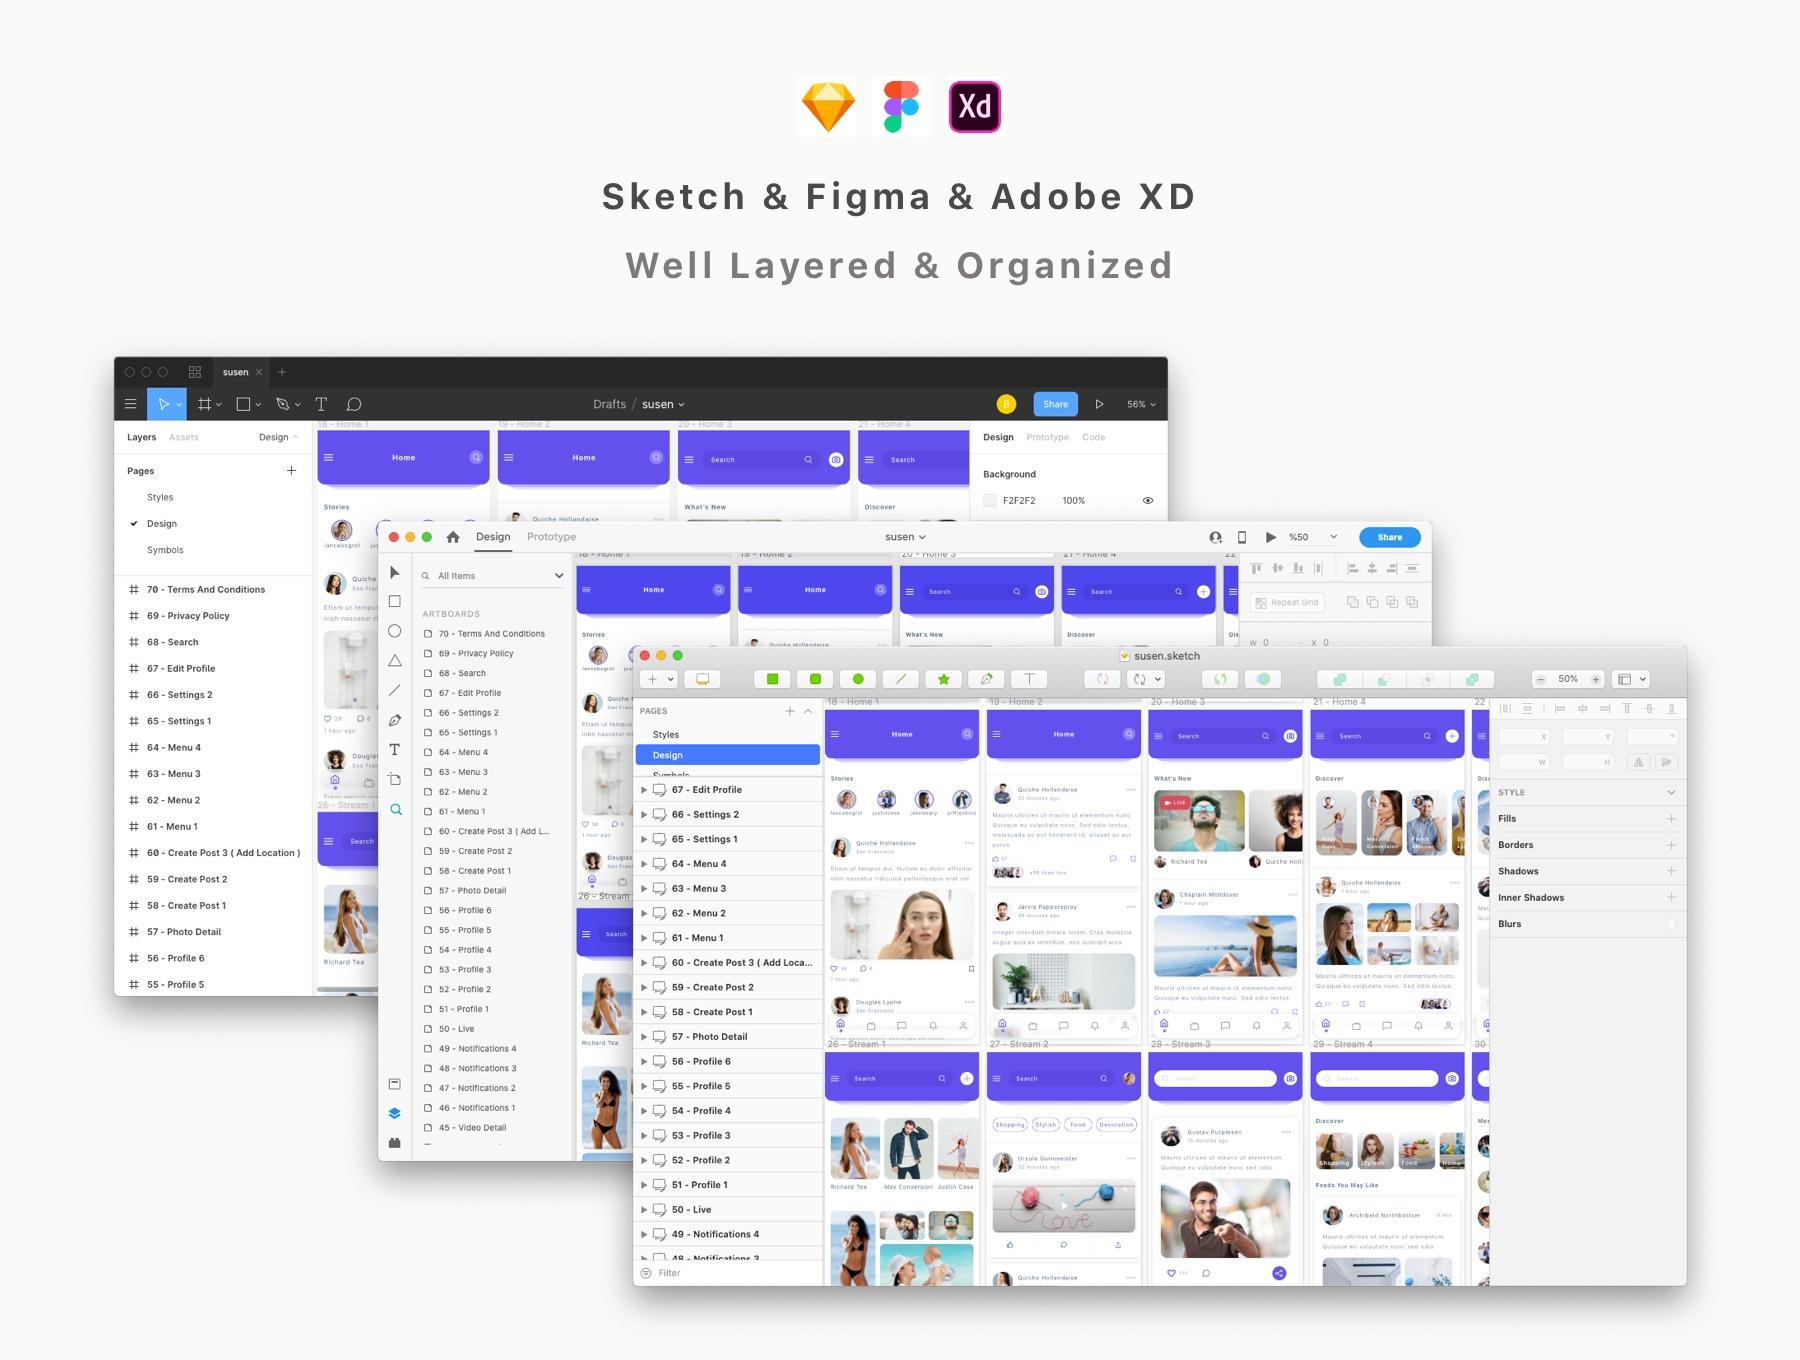 交友社交APP应用界面社交UI套件 Susen – Social Network App UI Kit插图(2)